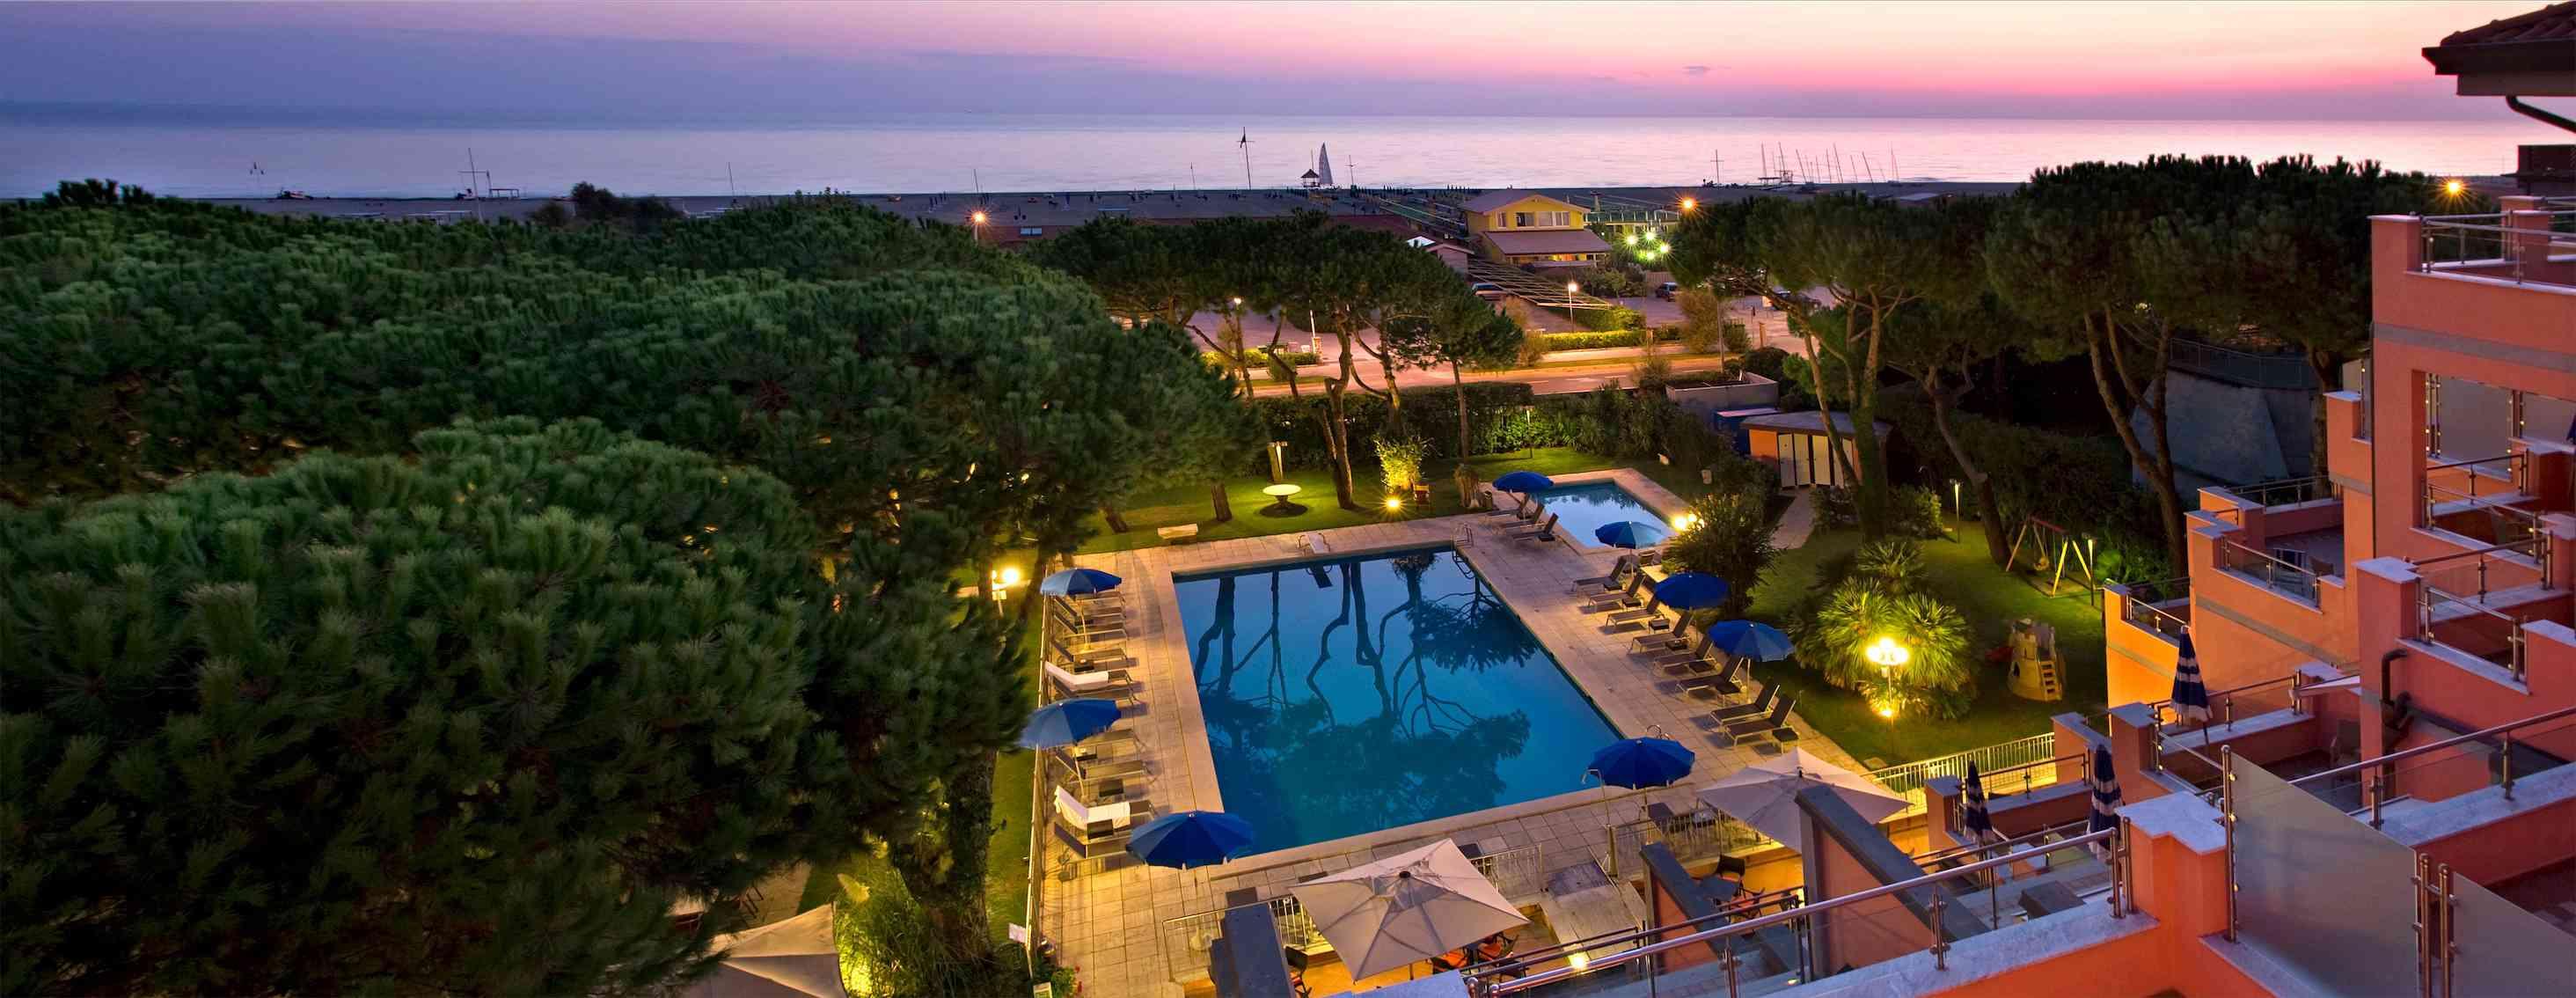 Albergo fronte mare – Versilia, Marina di Pietrasanta – Concetta Relli Luxury Real Estate